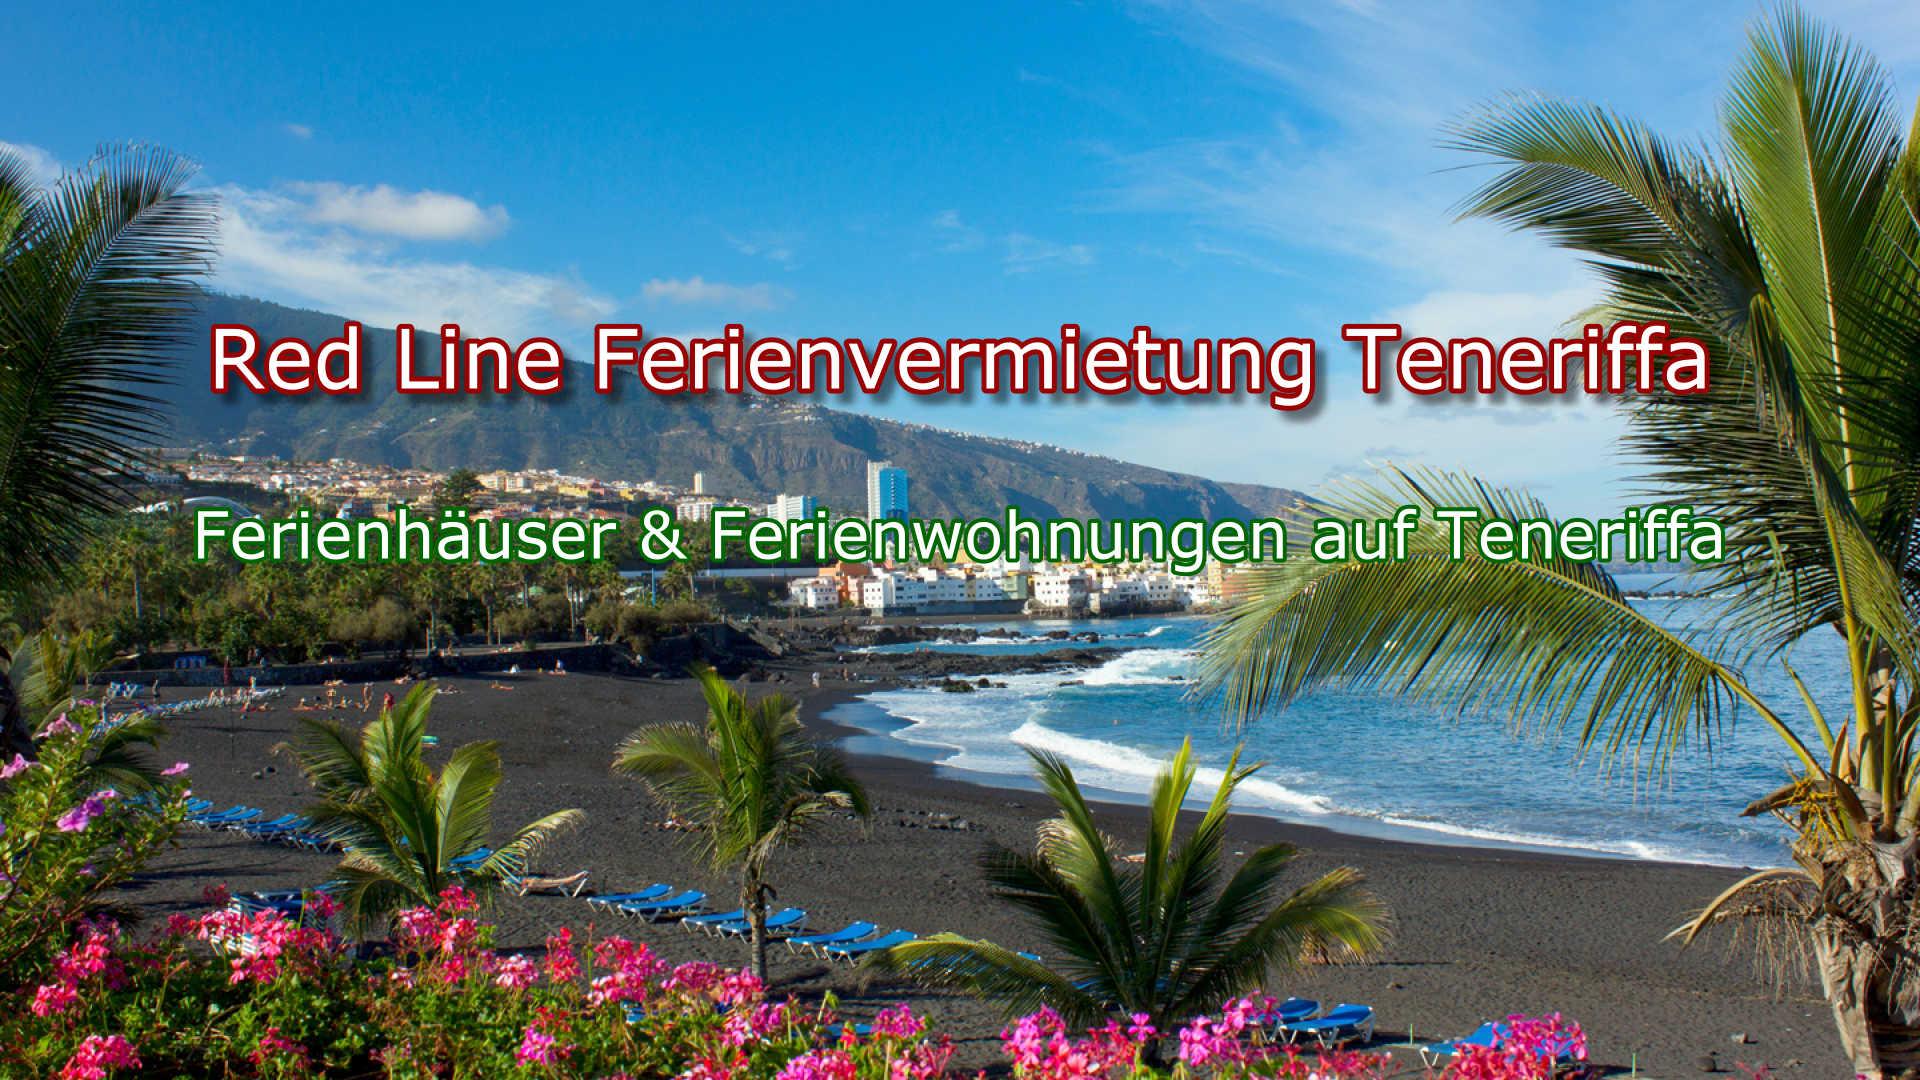 Ferienwohnungen Und Ferienhäuser Auf Teneriffa